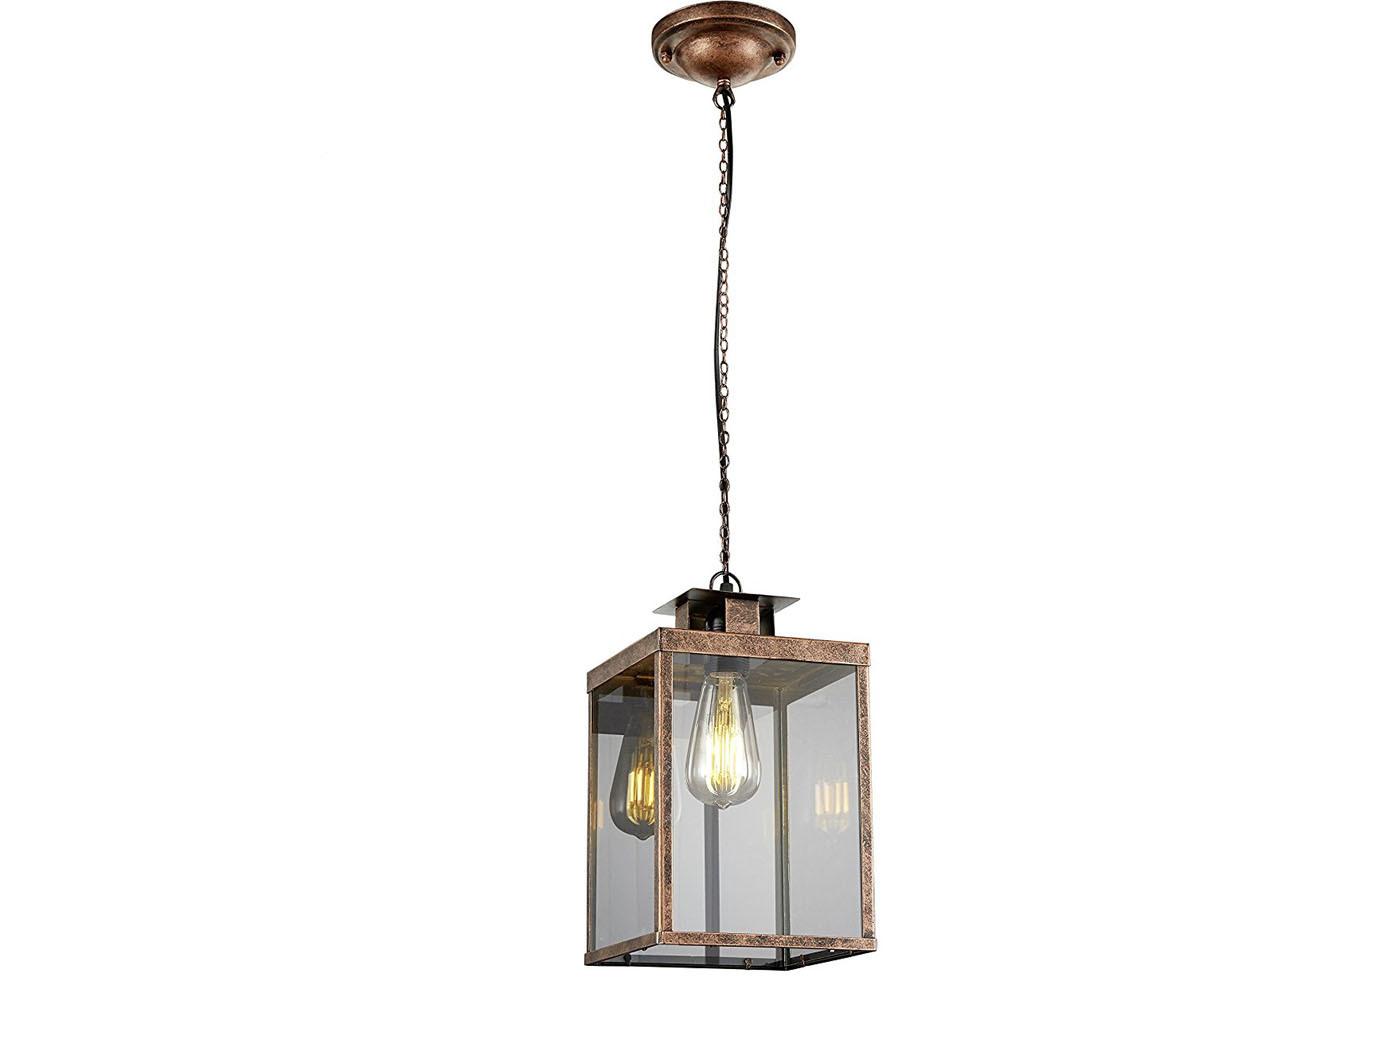 Vintage Pendelleuchte eckig Design Kupfer antik, Glas klar, mit ...